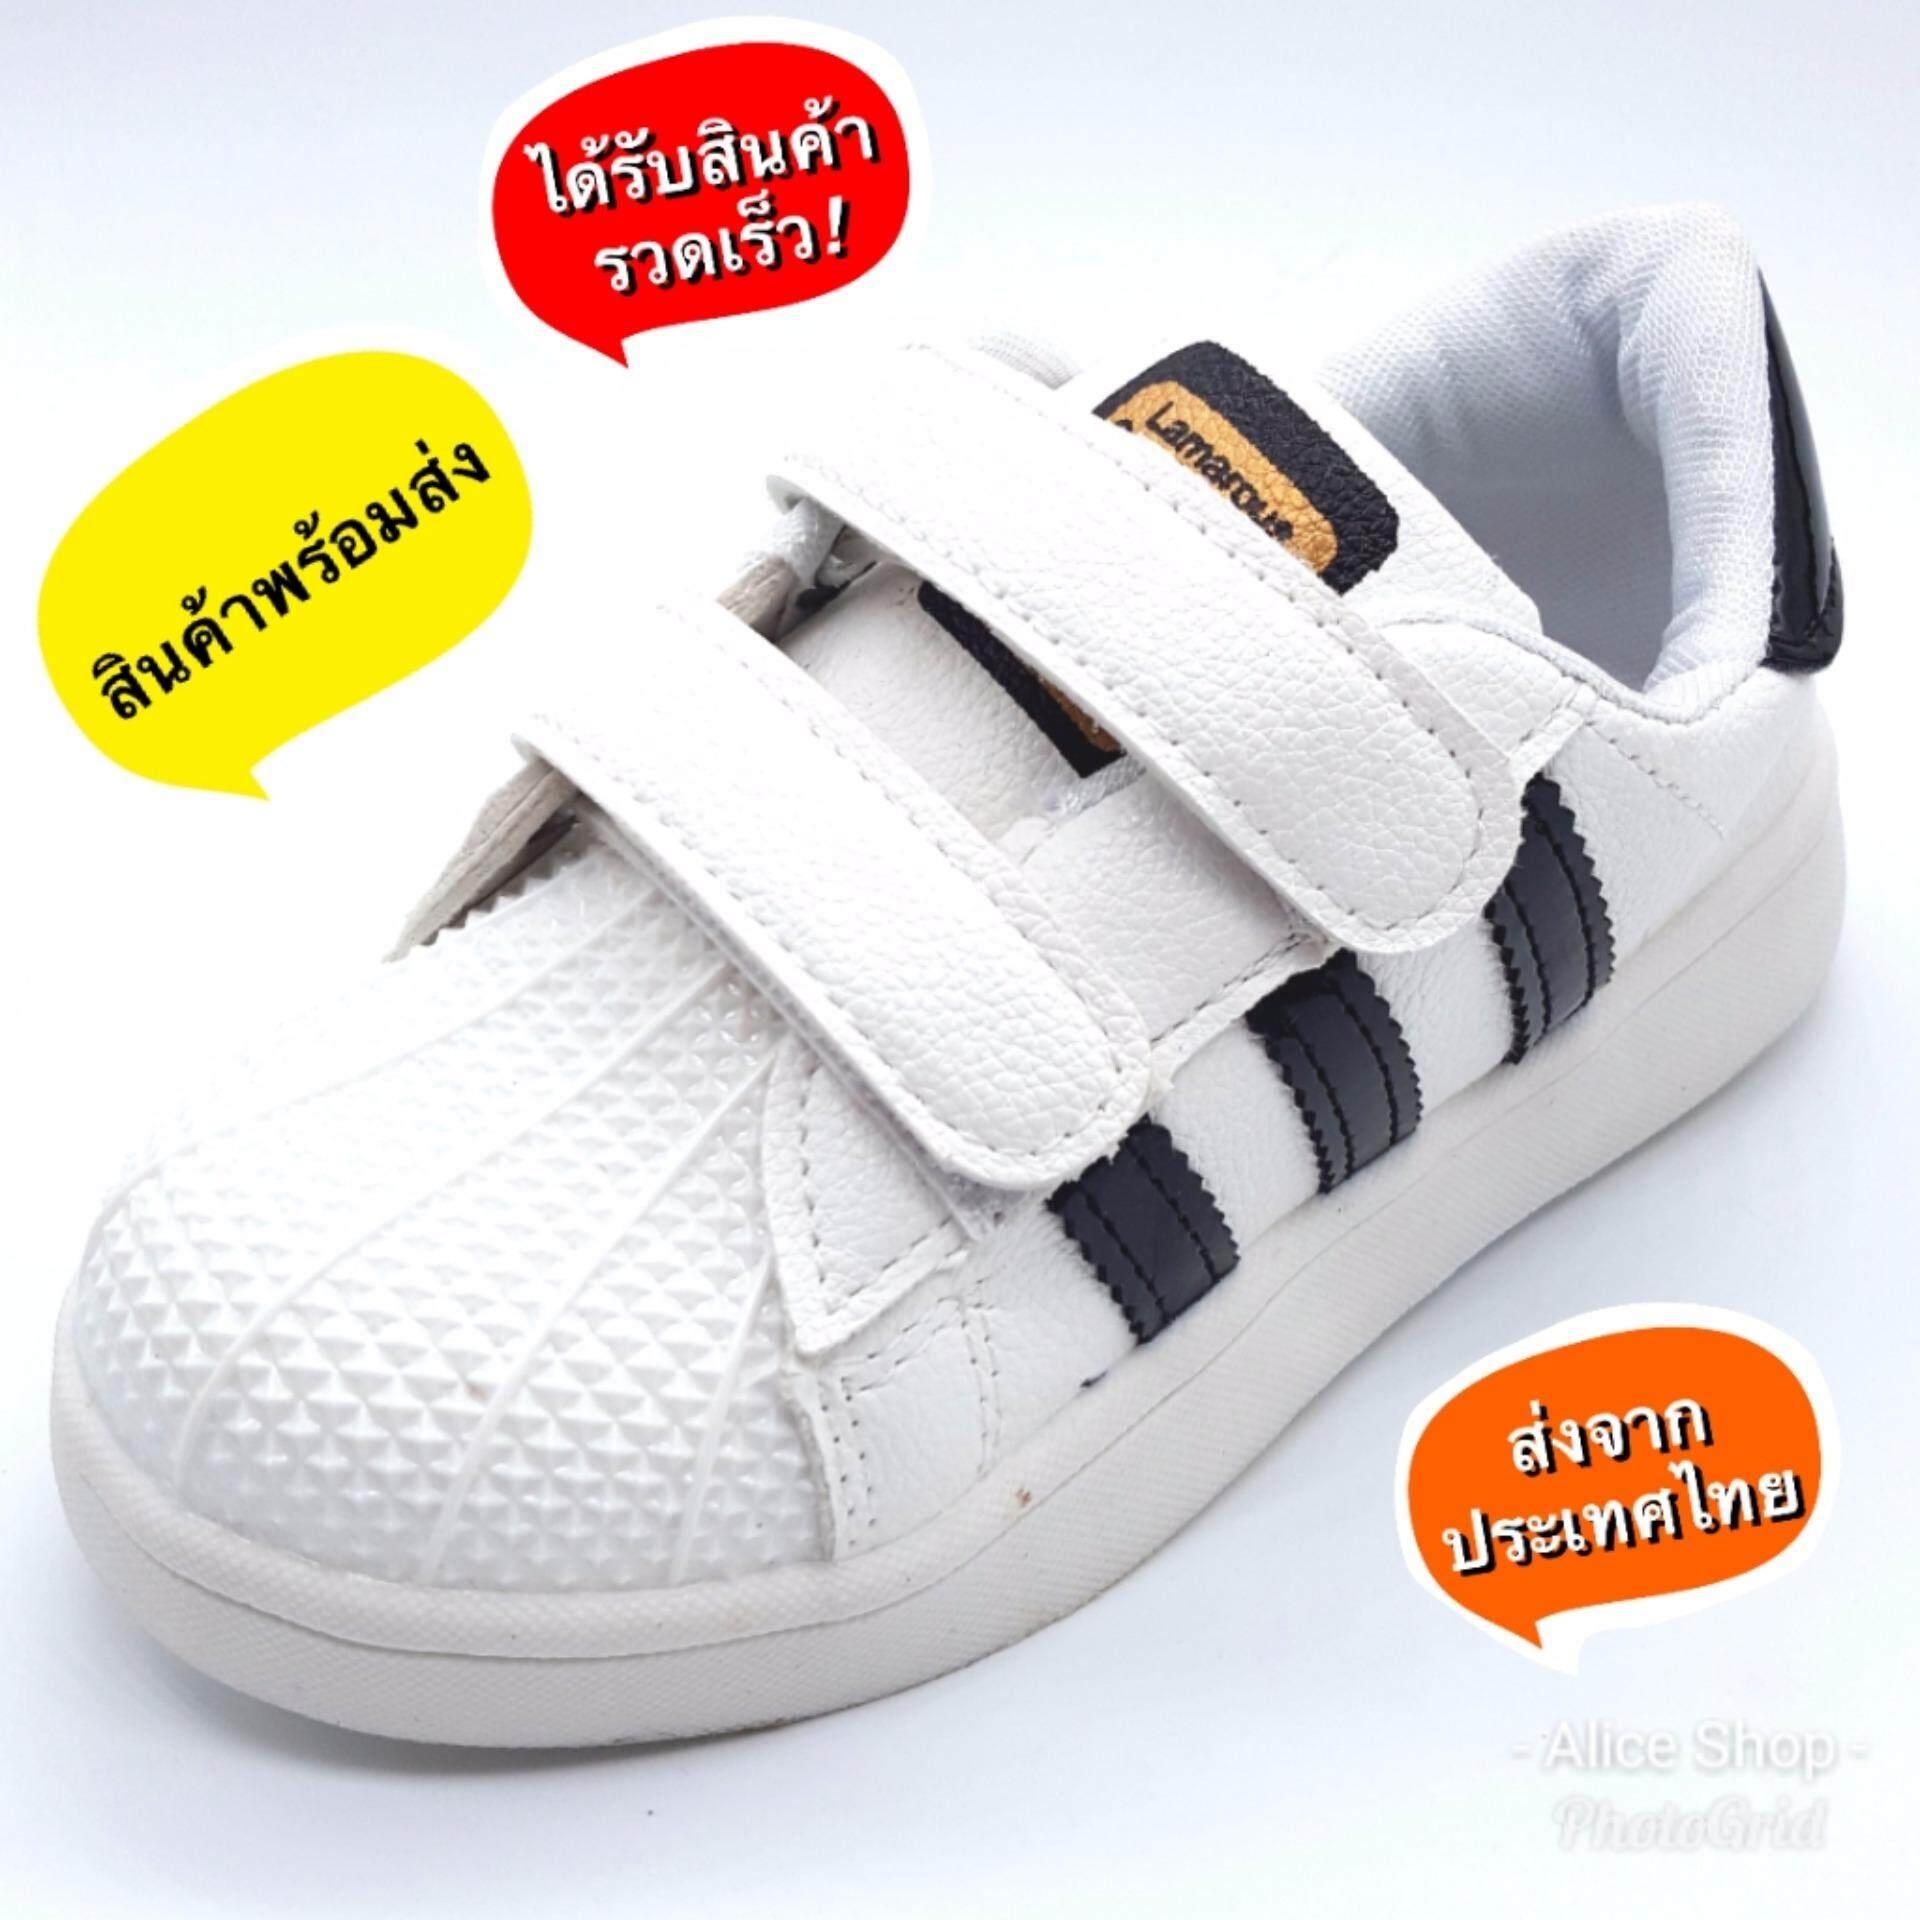 ซื้อ Alice Shoe รองเท้าผ้าใบ แฟชั่นเด็กผู้ชาย และ ผู้หญิง รุ่น Skl096 Bk สีดำ Alice Shoe ถูก